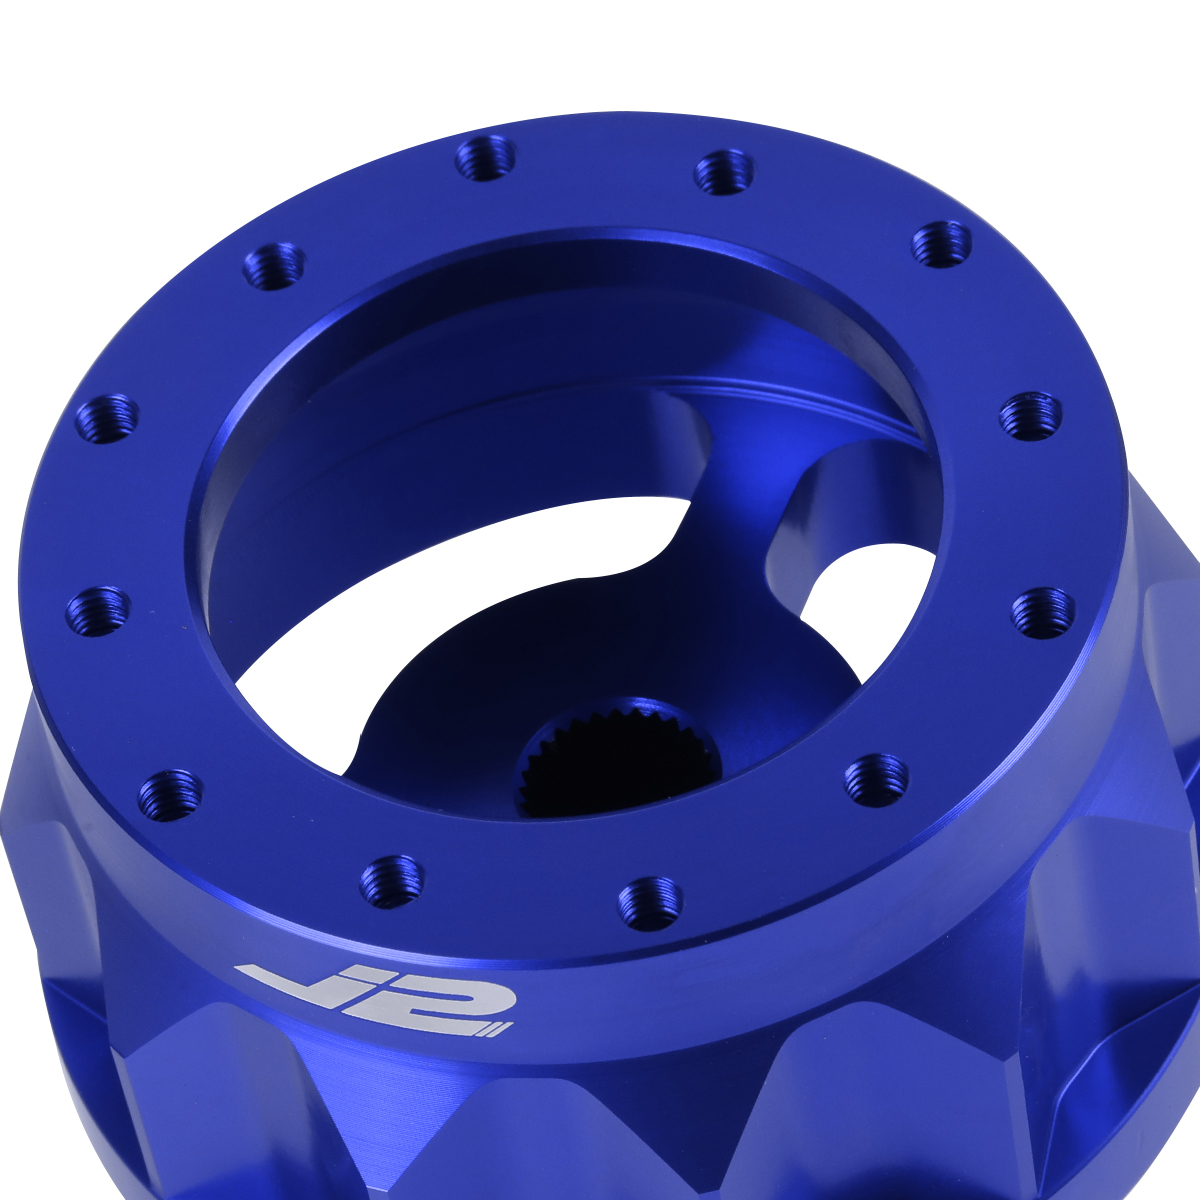 J2 Engineering J2-HUB-OT48-BL 2 6-Bolt Aluminum Steering Wheel Hub Adapter Blue For 87-90 Camry All year Scion